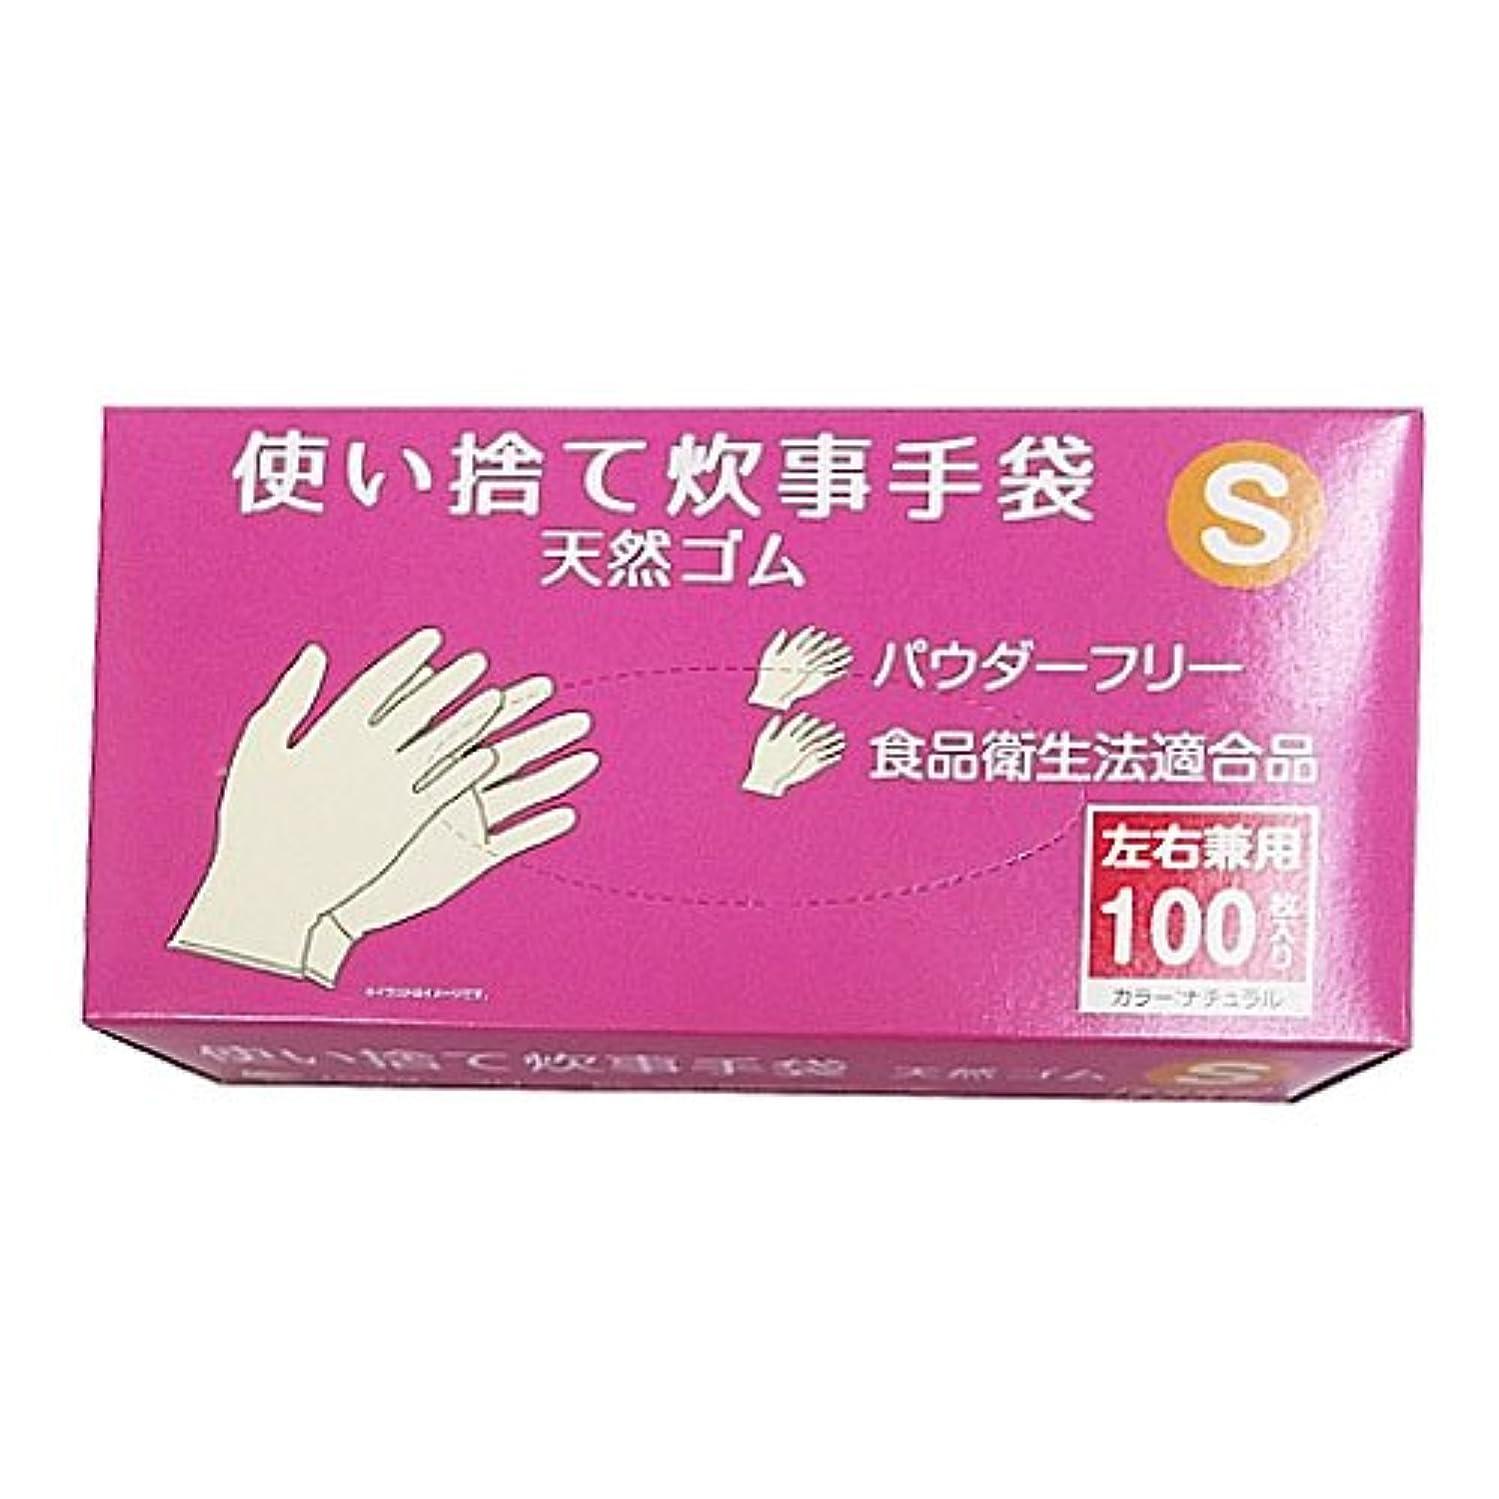 パイプラインリネン付与コーナンオリジナル 使い捨て 炊事手袋 天然ゴム 100枚入り S